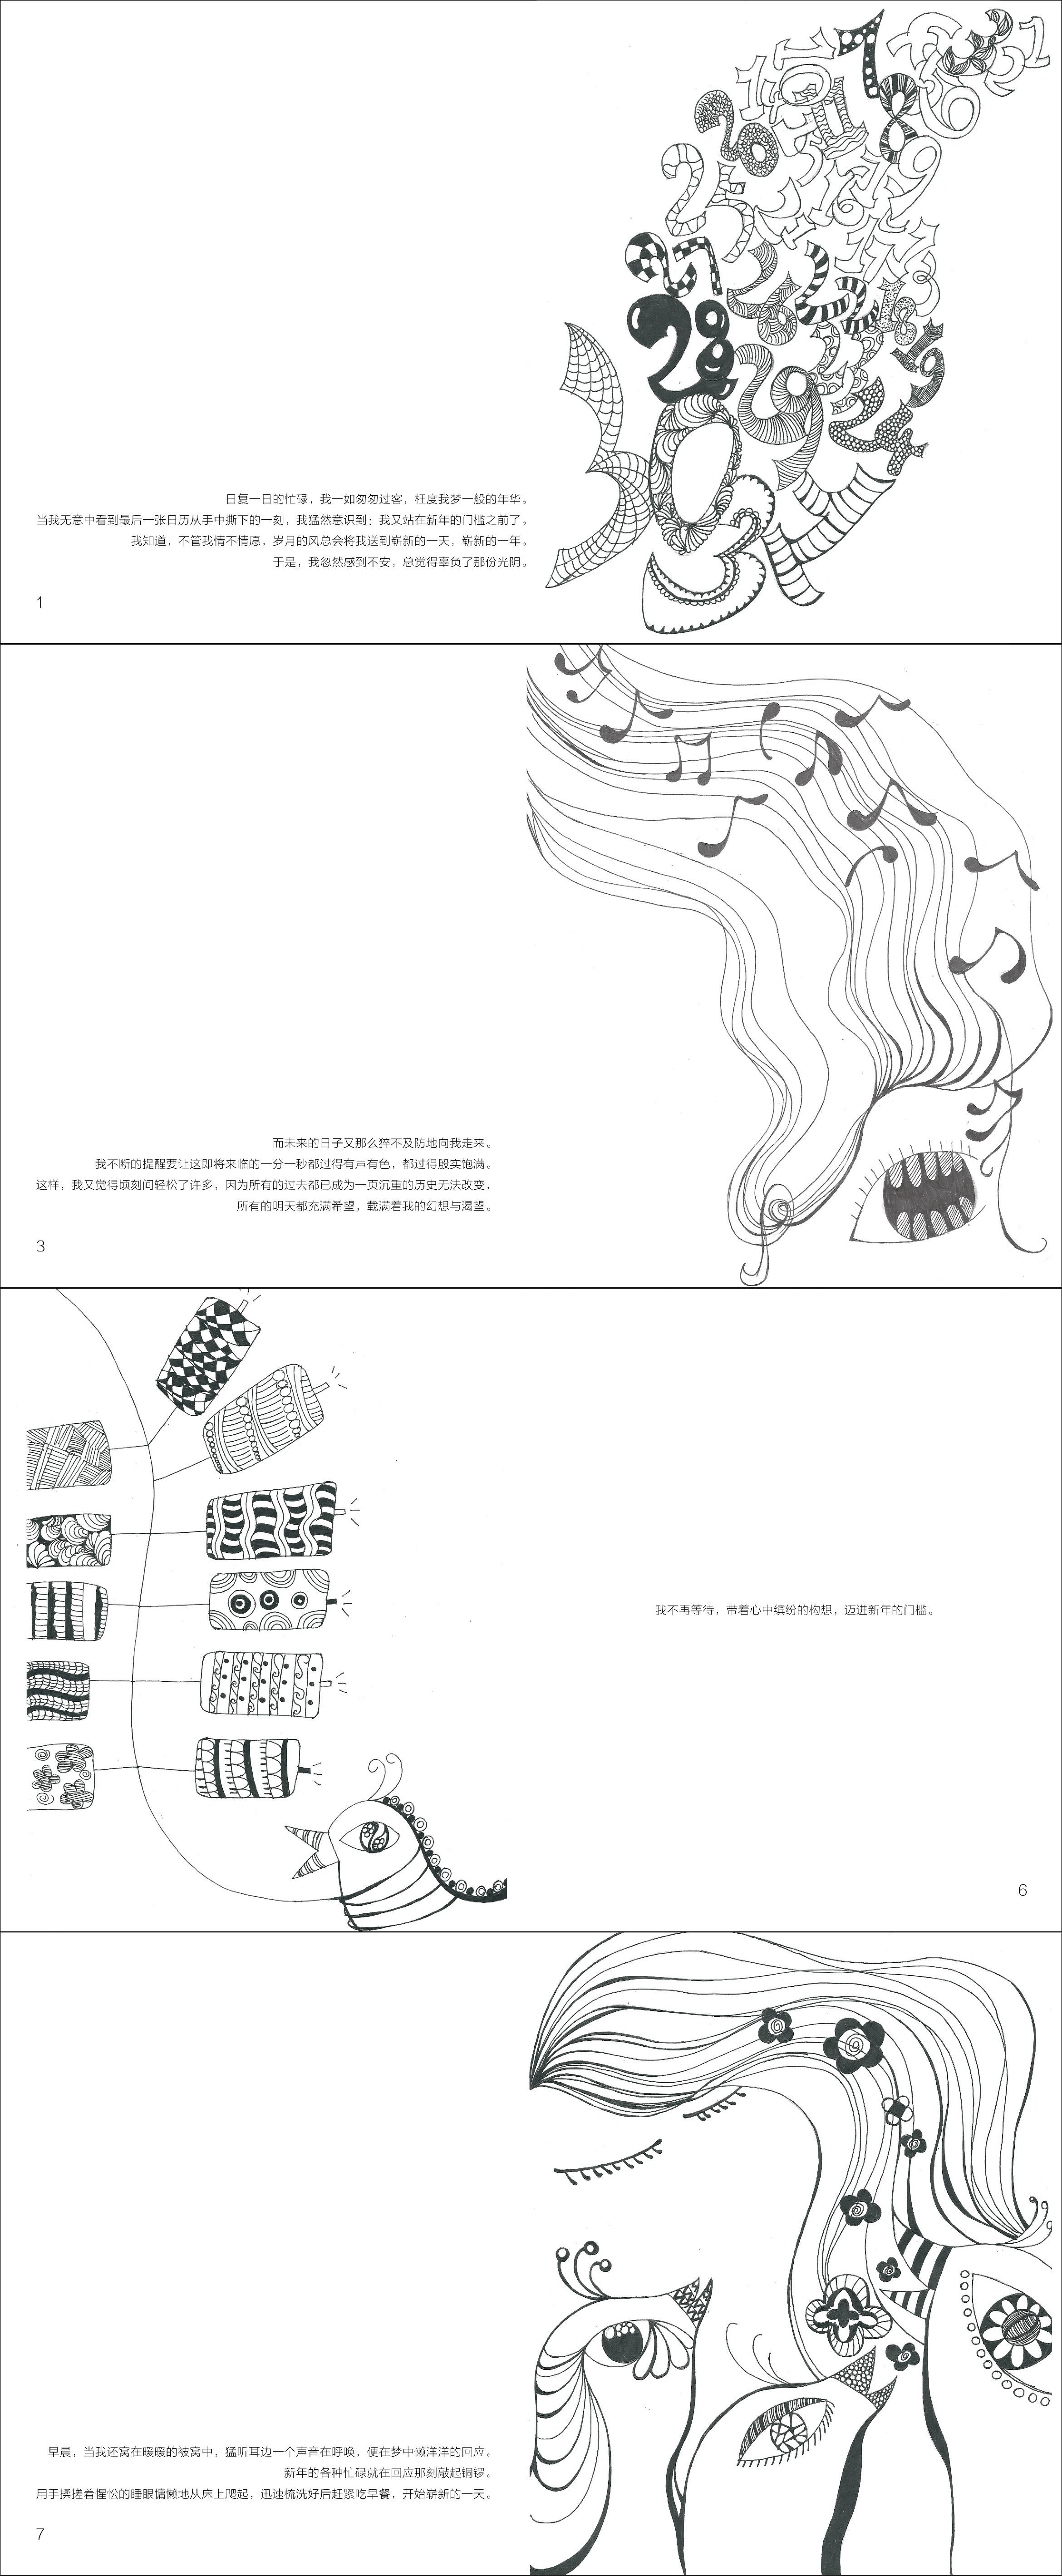 简笔画 手绘 线稿 2340_5675 竖版 竖屏